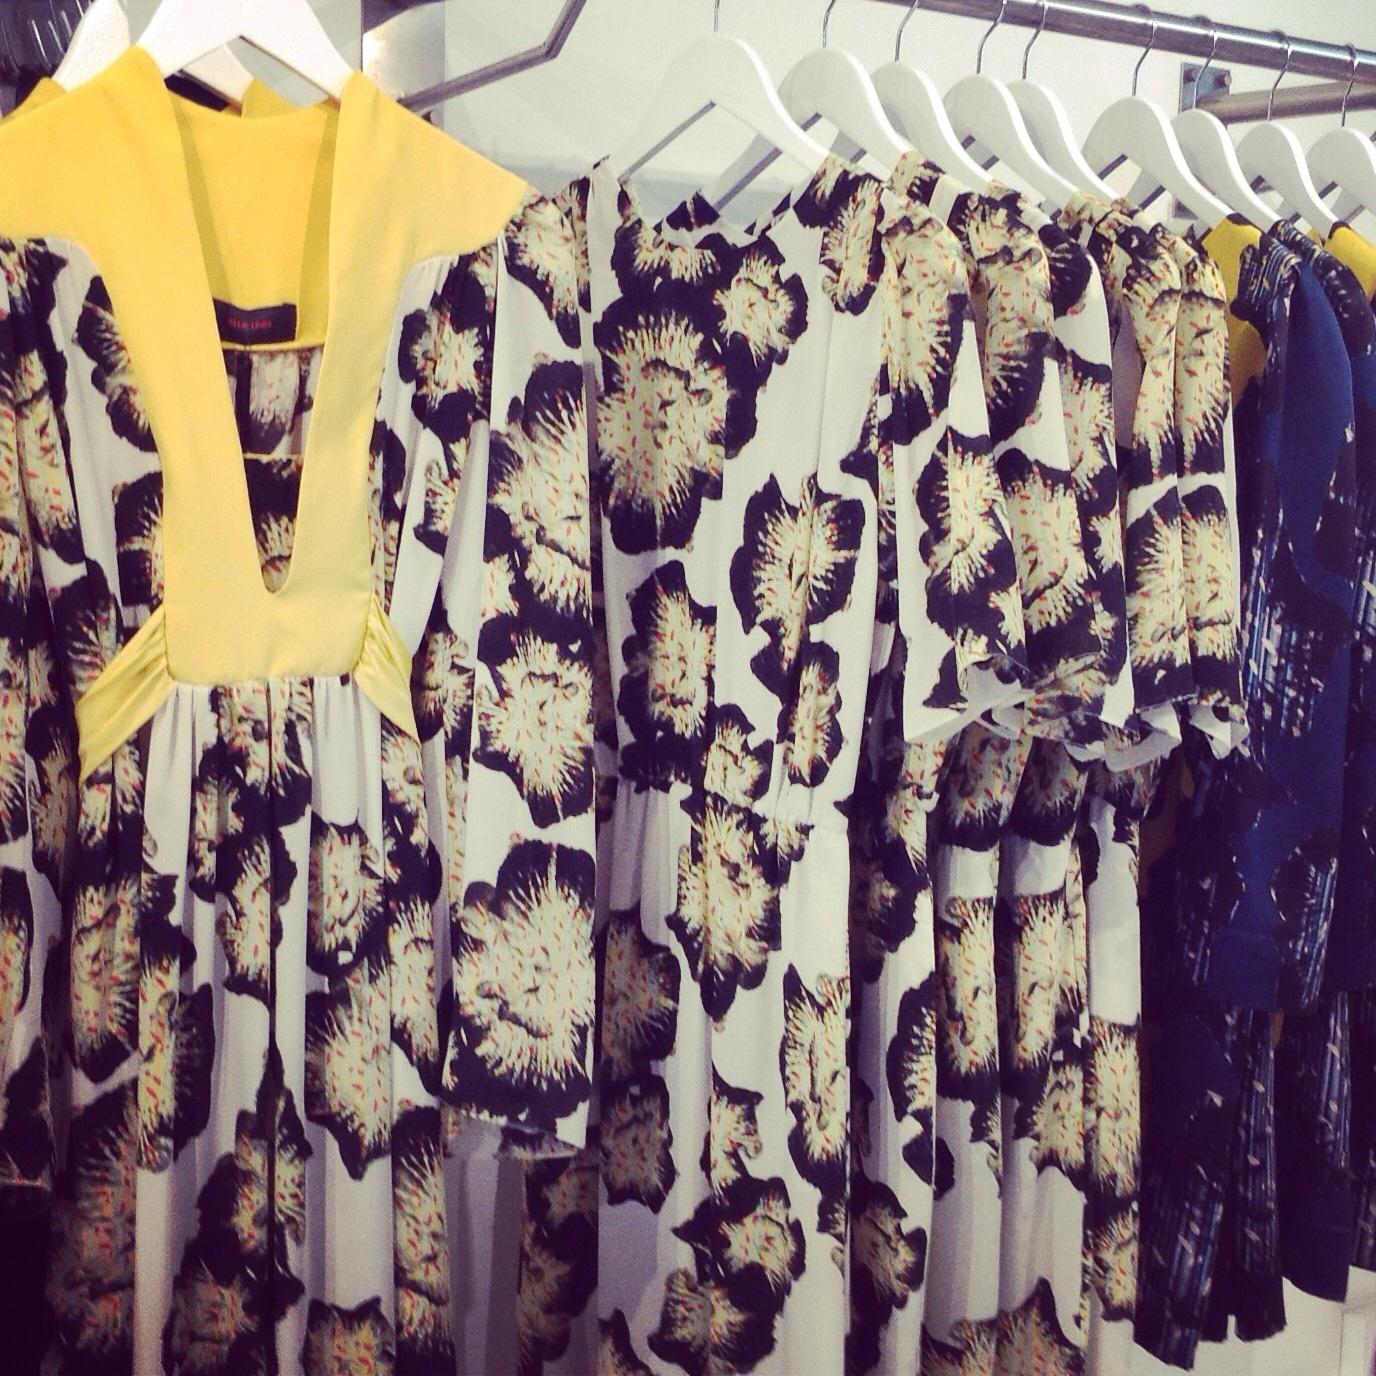 Designer Ellie Lines' silk dresses